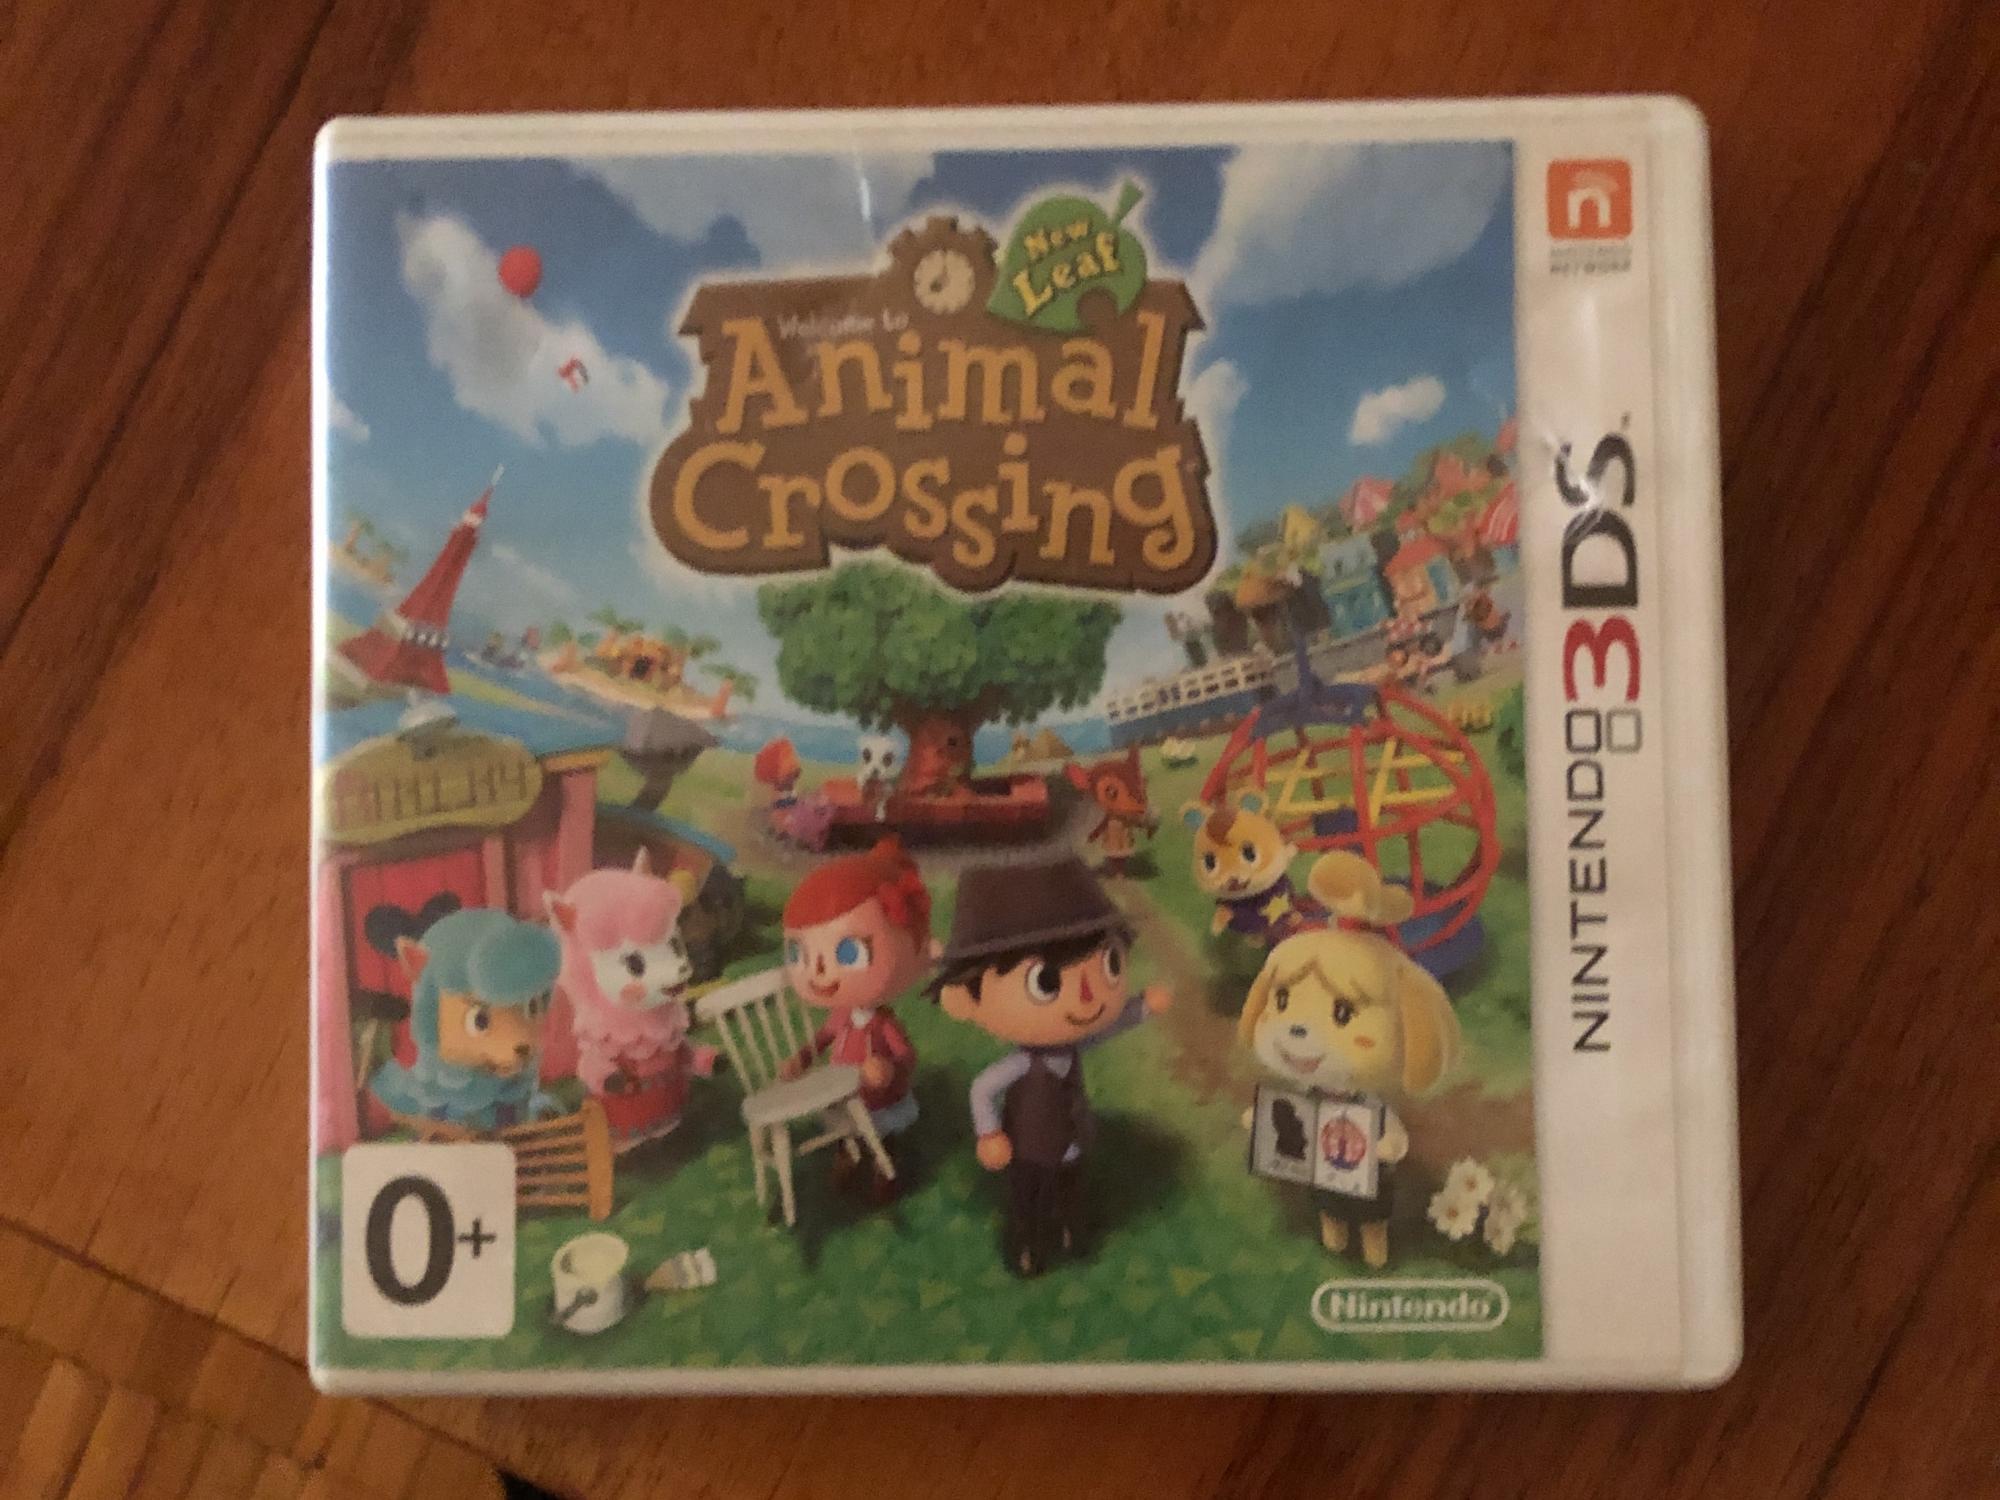 Animal Crossing New Leaf на Nintendo 3DS в Москве 89998621111 купить 1